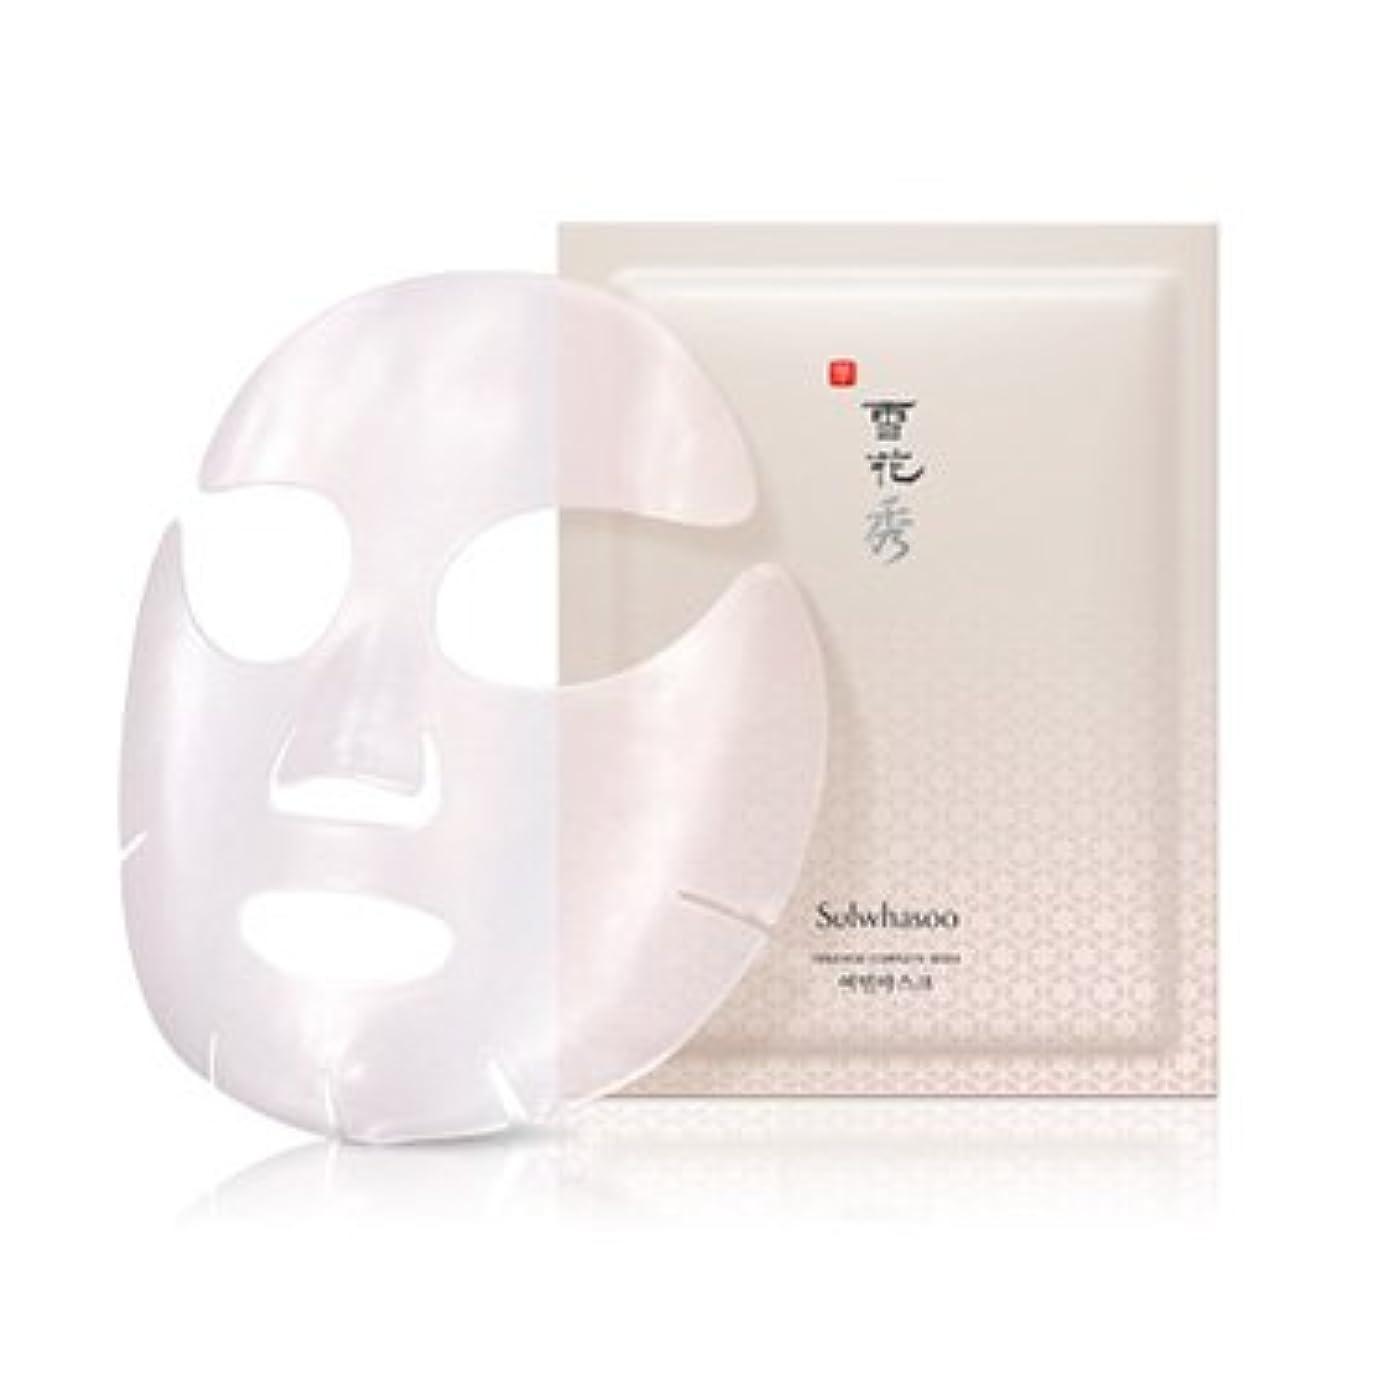 消費する調整ルーフ雪花秀(ソルファス)ヨミンマスク(Innerise Complete Mask)5枚入